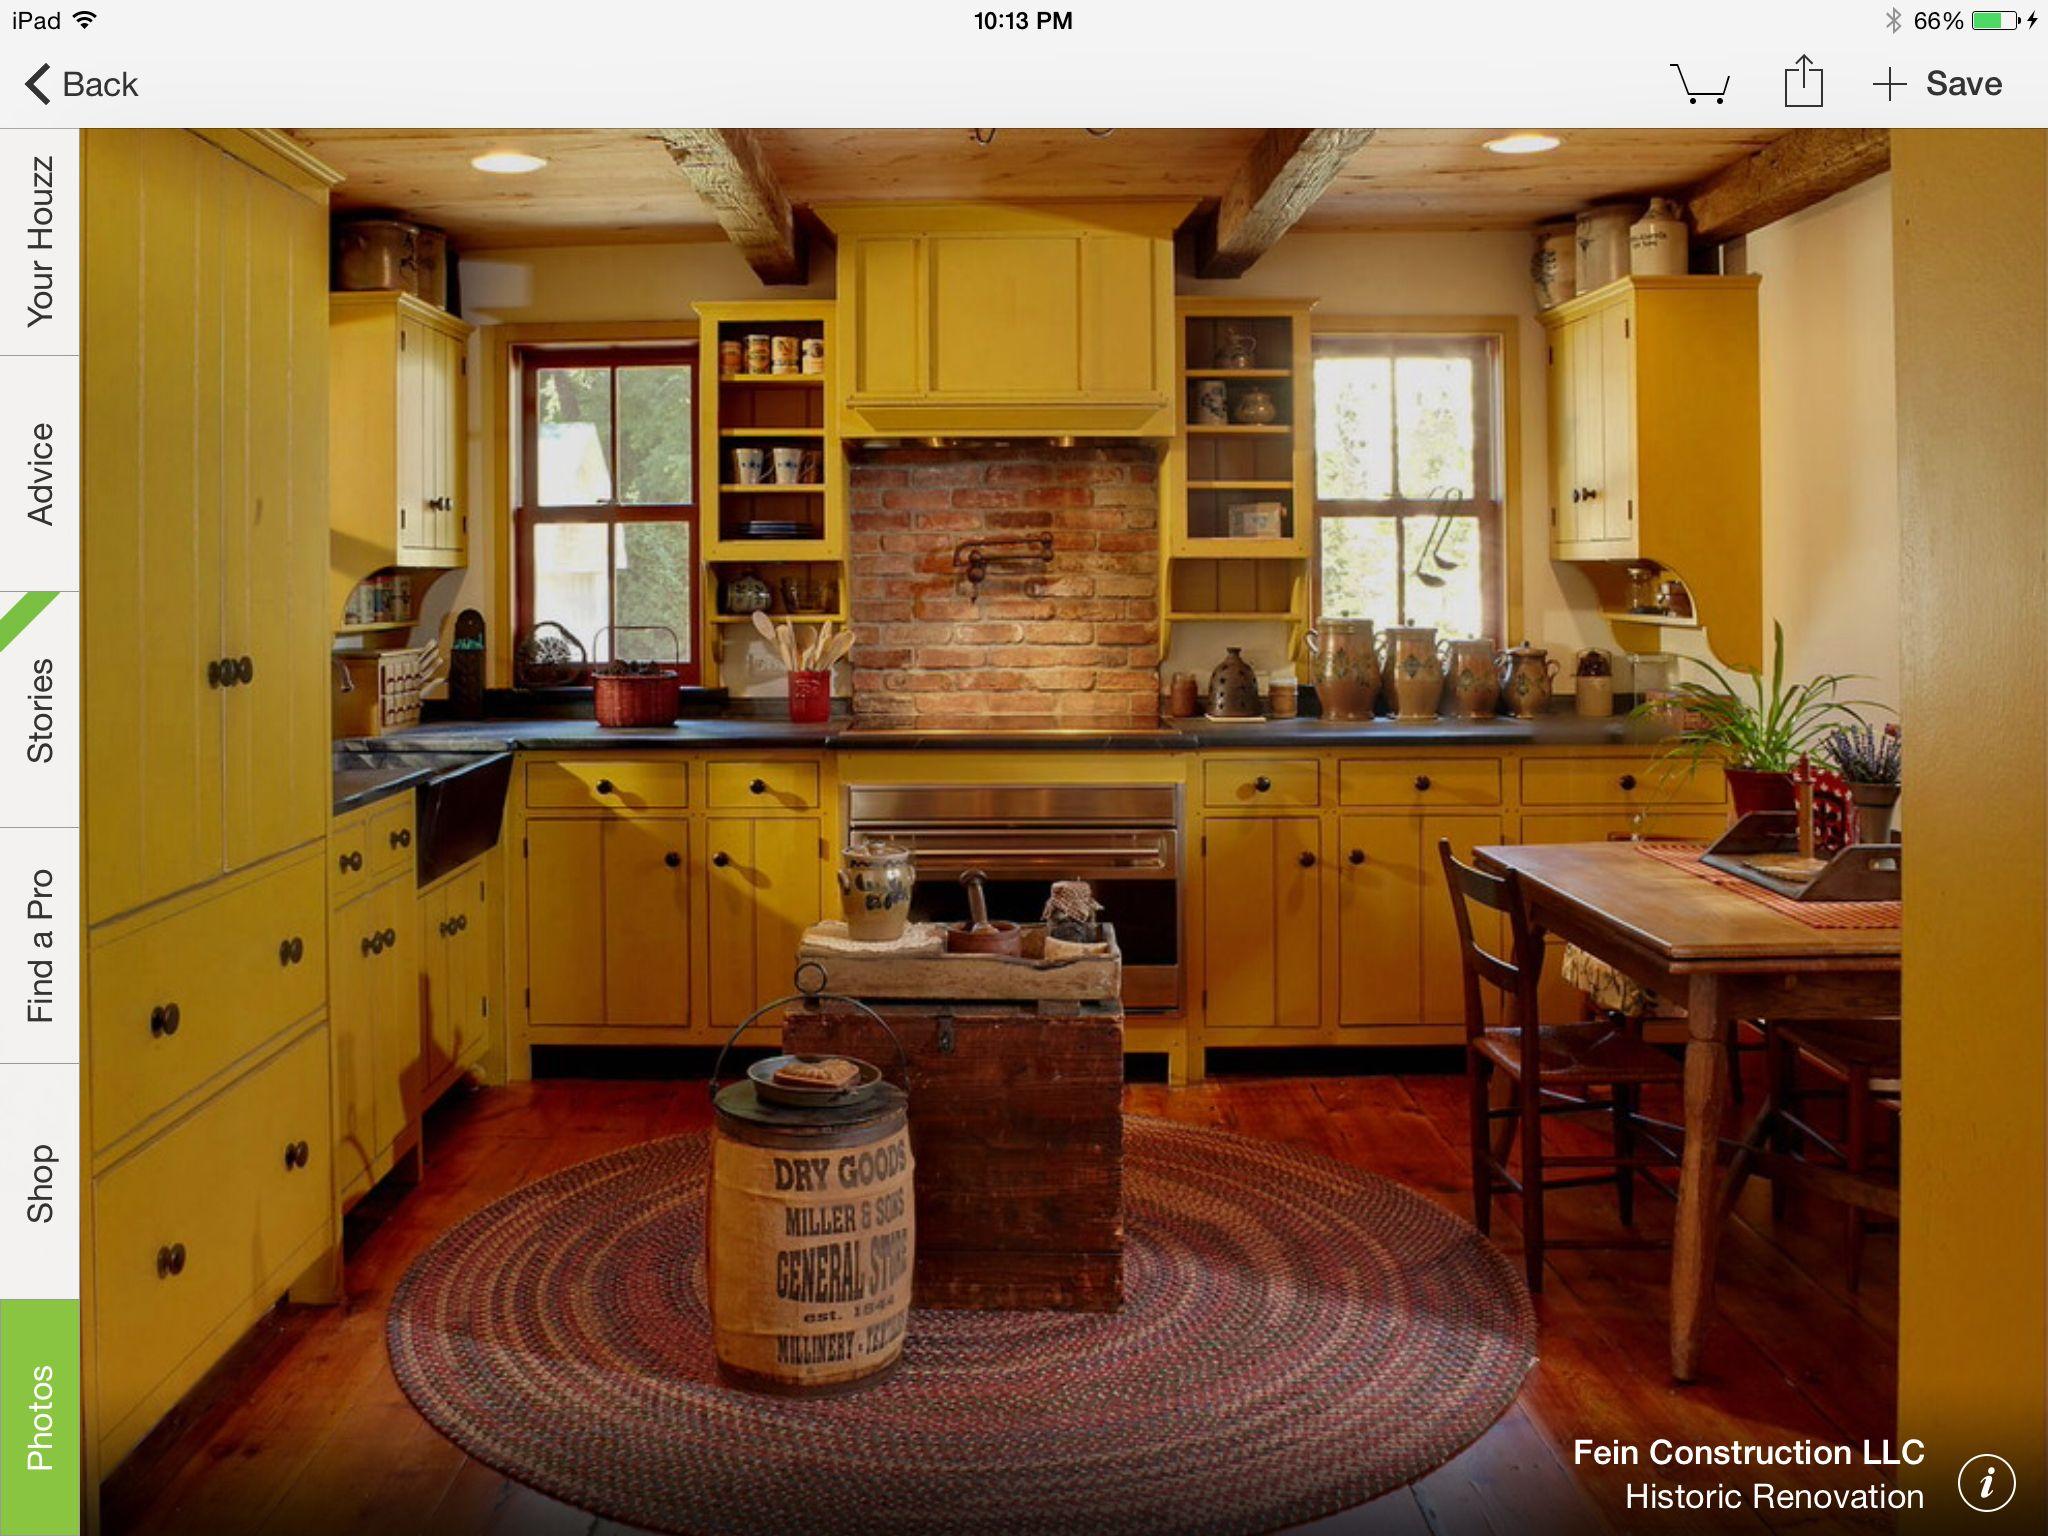 Best Kitchen Gallery: Colonial Kitchen 오크 Pinterest Best Colonial Kitchen of Country Colonial Kitchen Ideas on rachelxblog.com